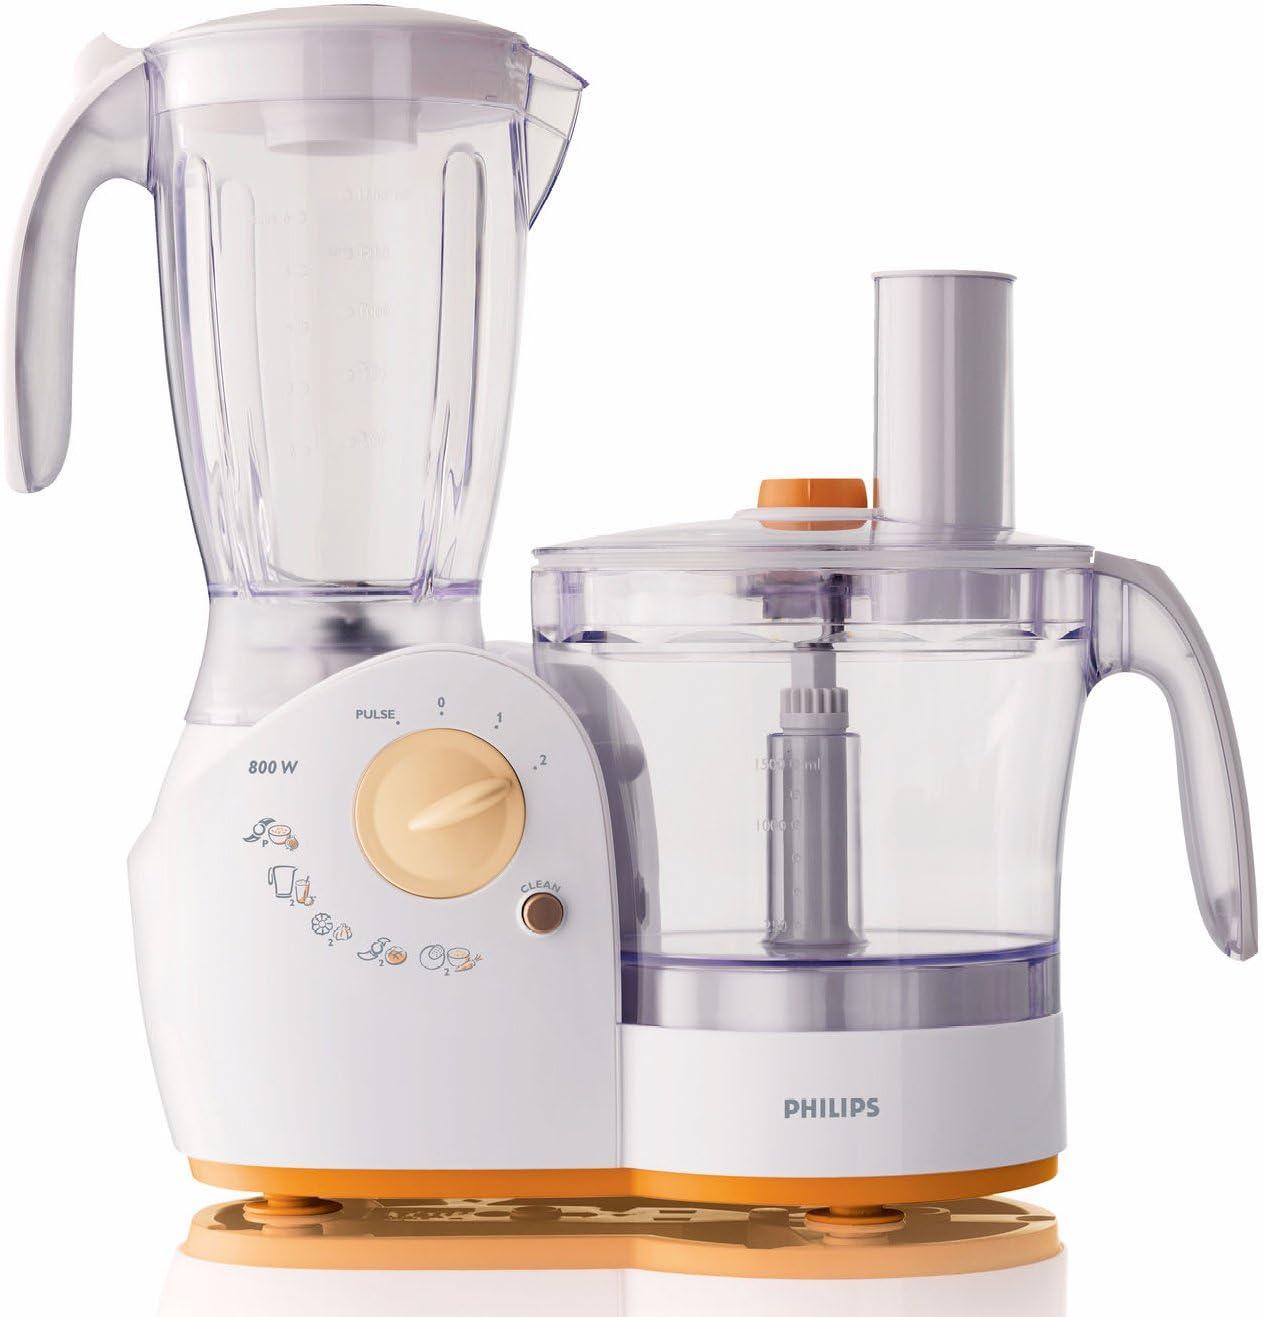 Philips HR7739 Robot de cocina, 50-60 Hz, 220-240 V - Robot de cocina: Amazon.es: Hogar